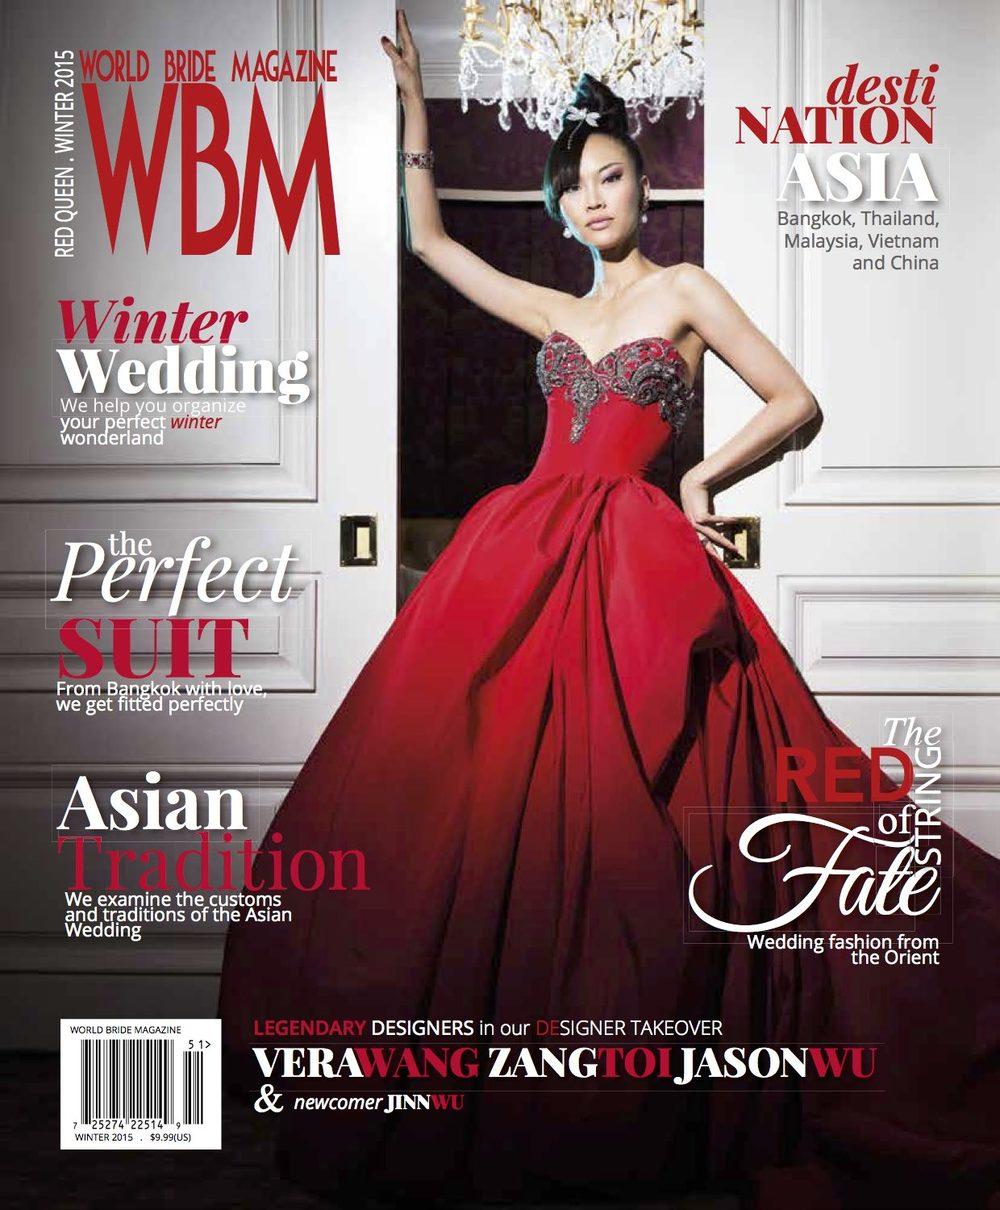 World Bride Magazine Winter 2015